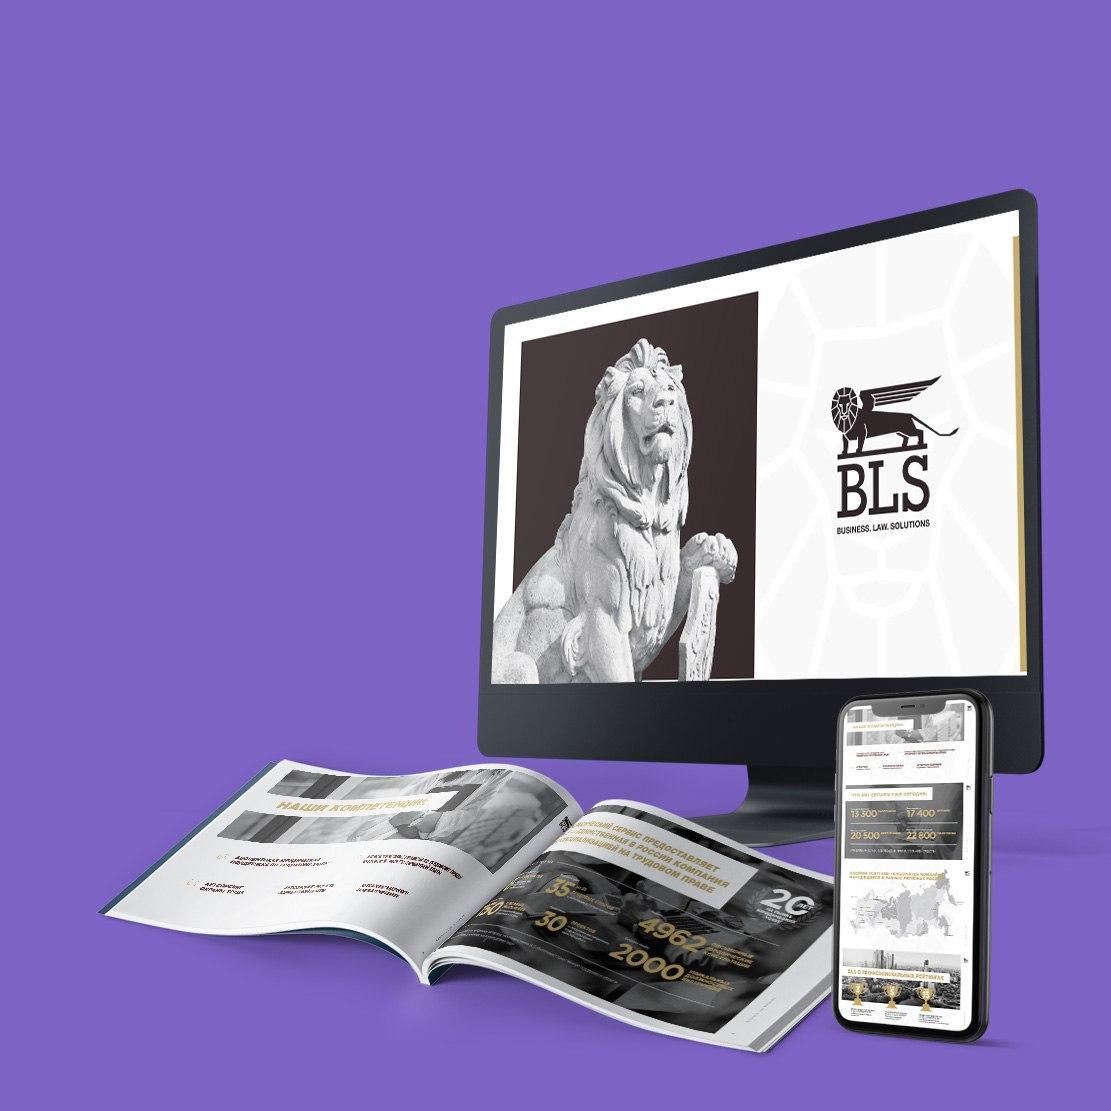 Презентация юридической компании BLS для клиентов